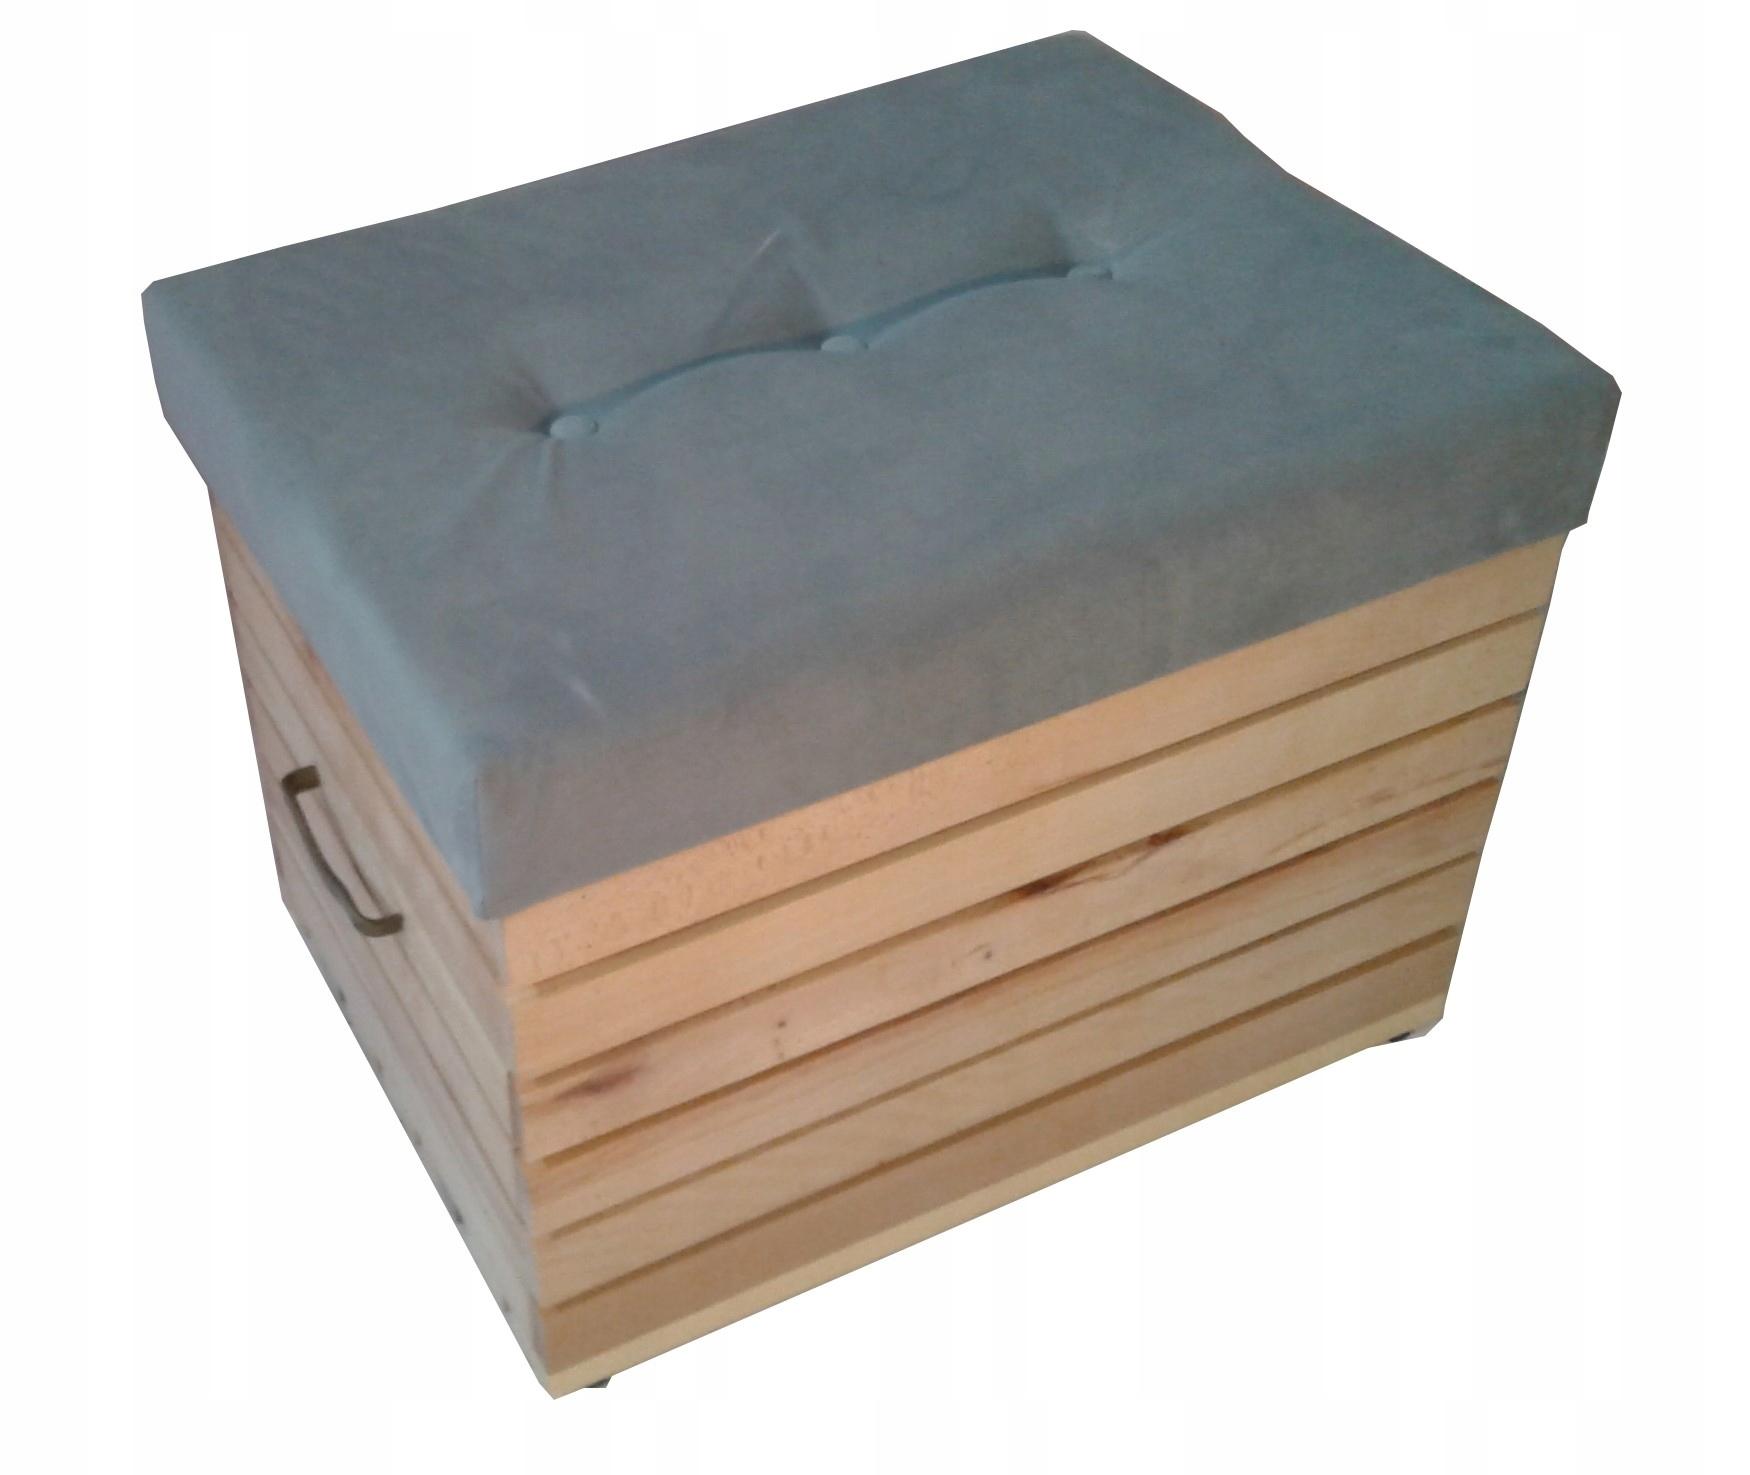 3de80af961e79 pufa otwierana drewniana skrzynia - 7067270744 - oficjalne archiwum ...